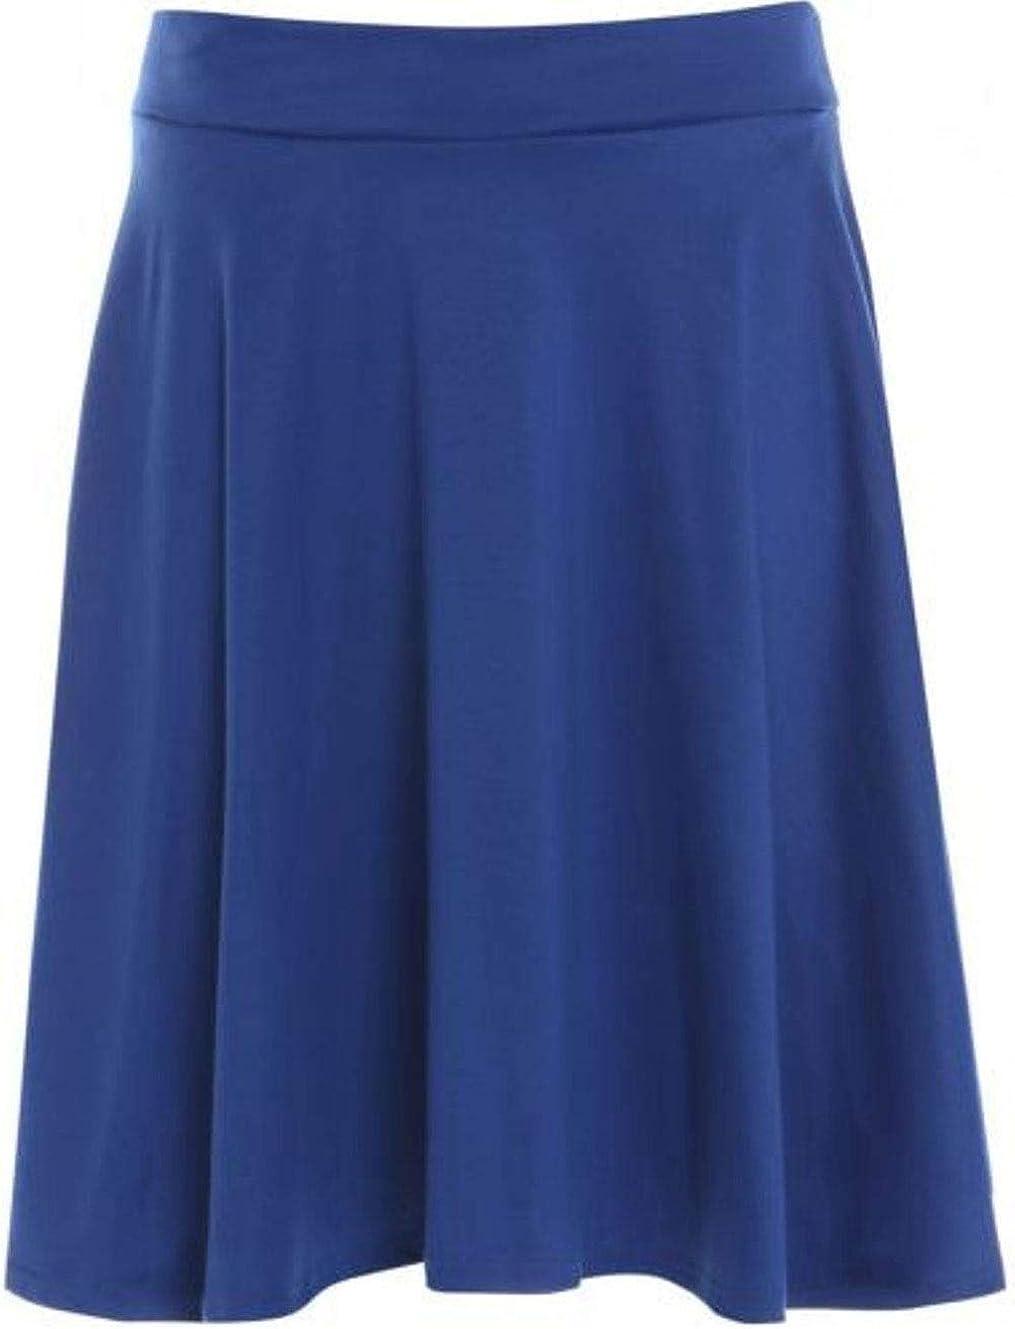 Rimi Hanger Ladies Flared Skater Plain Printed Skirts Womens Knee Length Stretchy Midi Skirt US 10-24